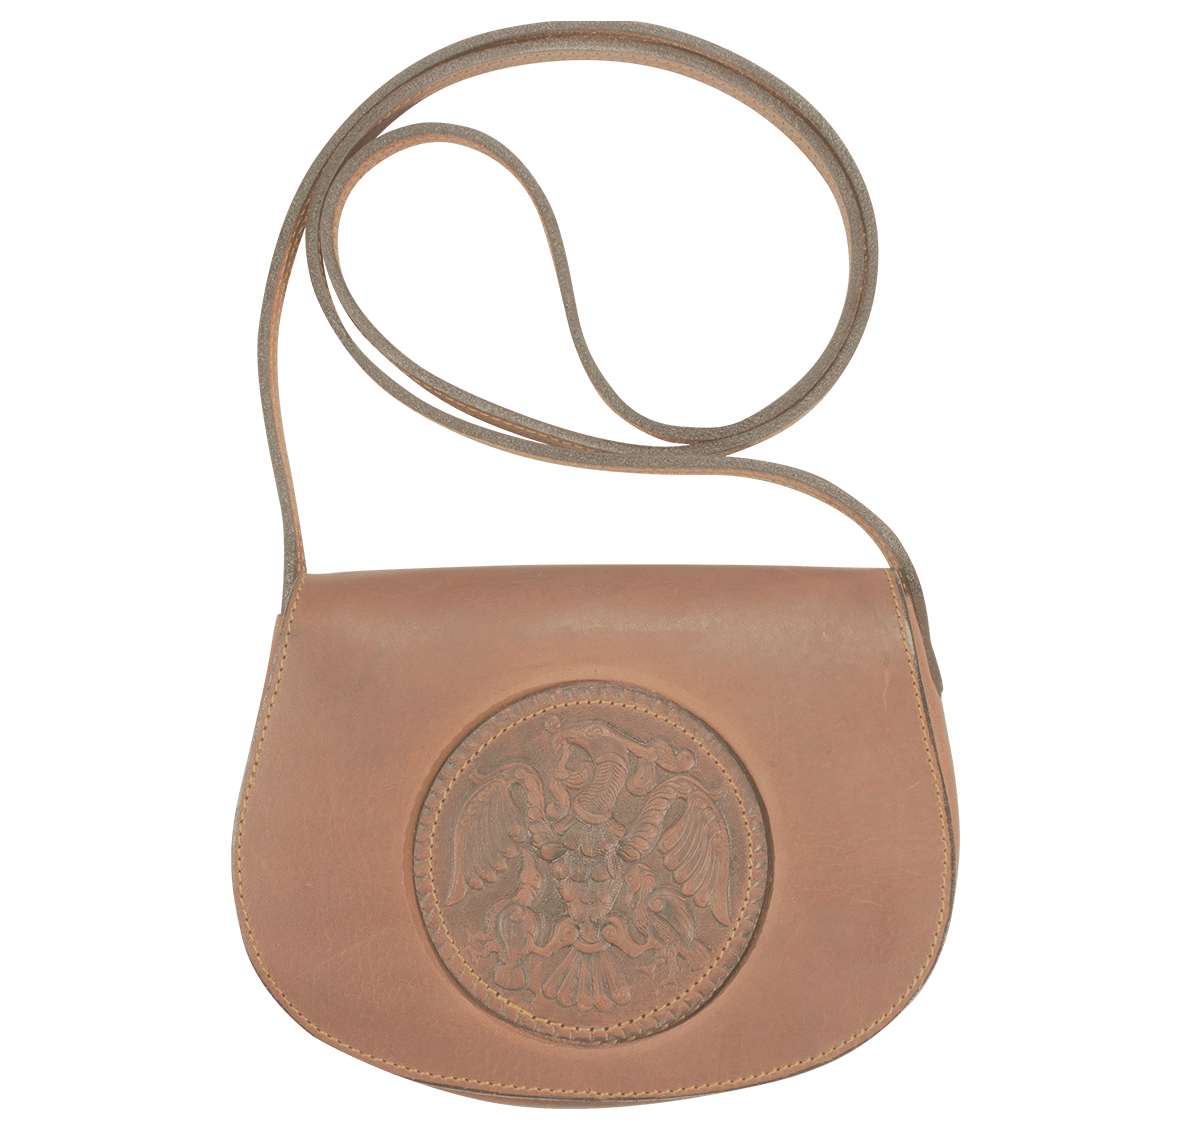 08682efcfaee Női kisméretű válltáska Rakamazi turul benyomattal, barna marhabőrből